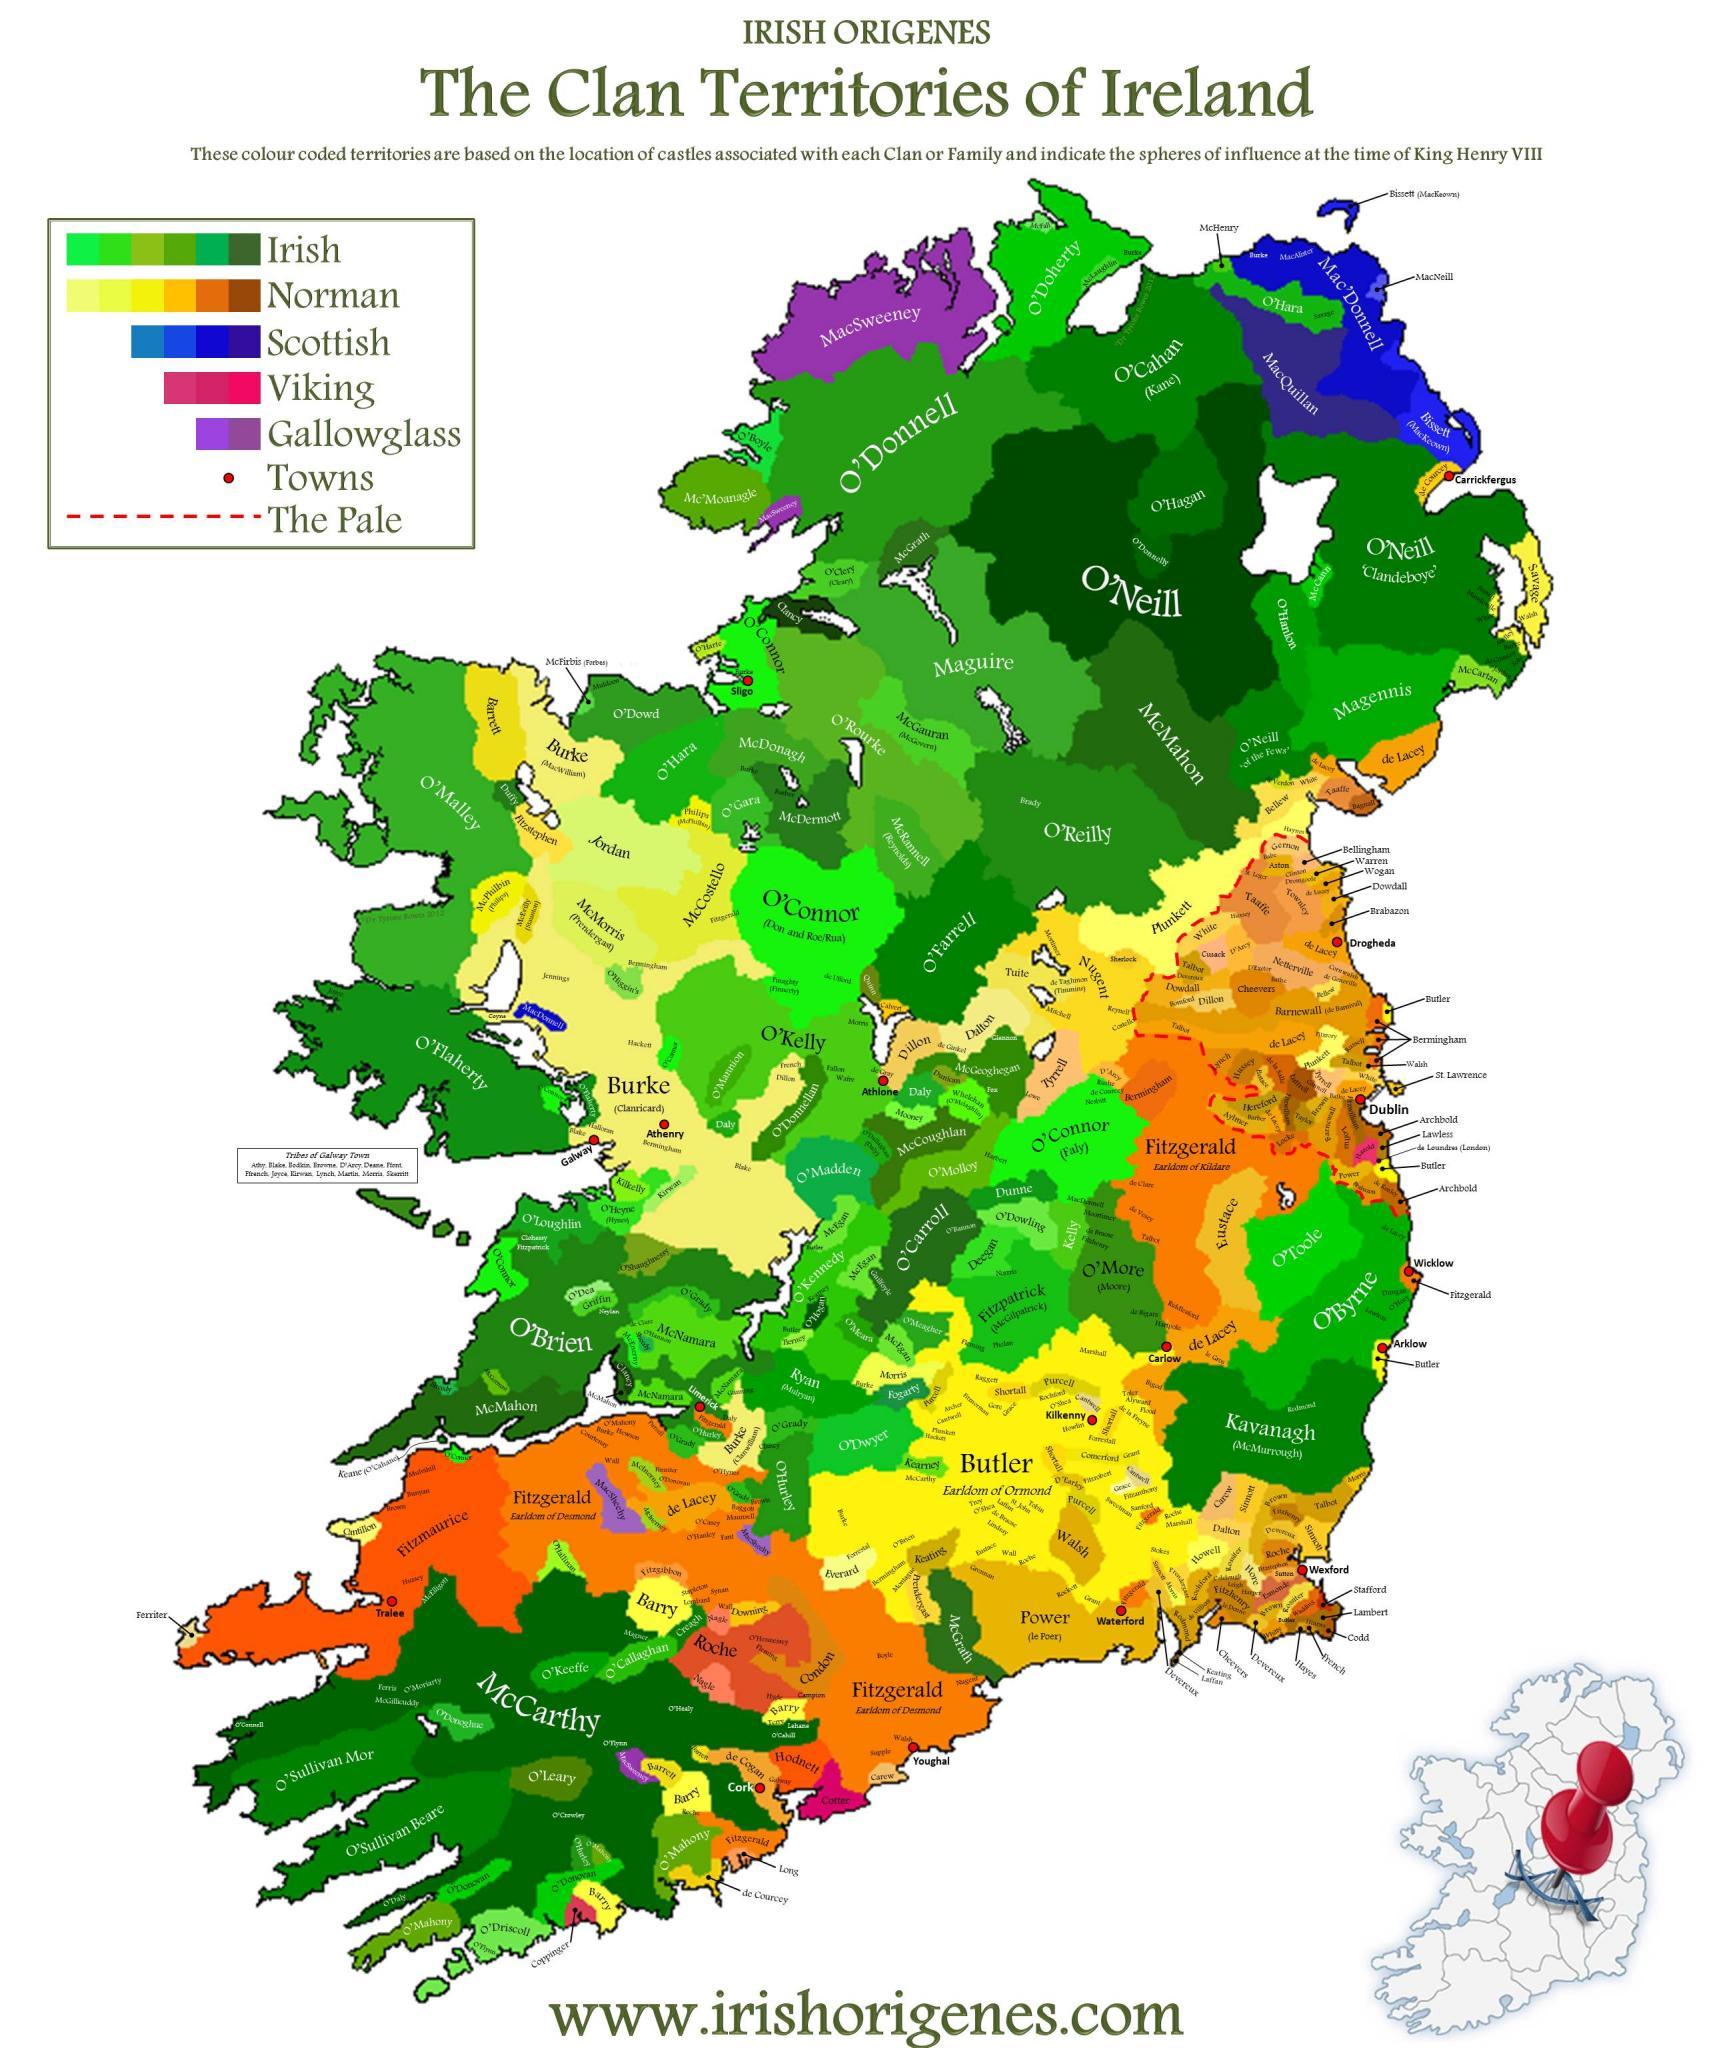 Mapa dos Clãs da Irlanda